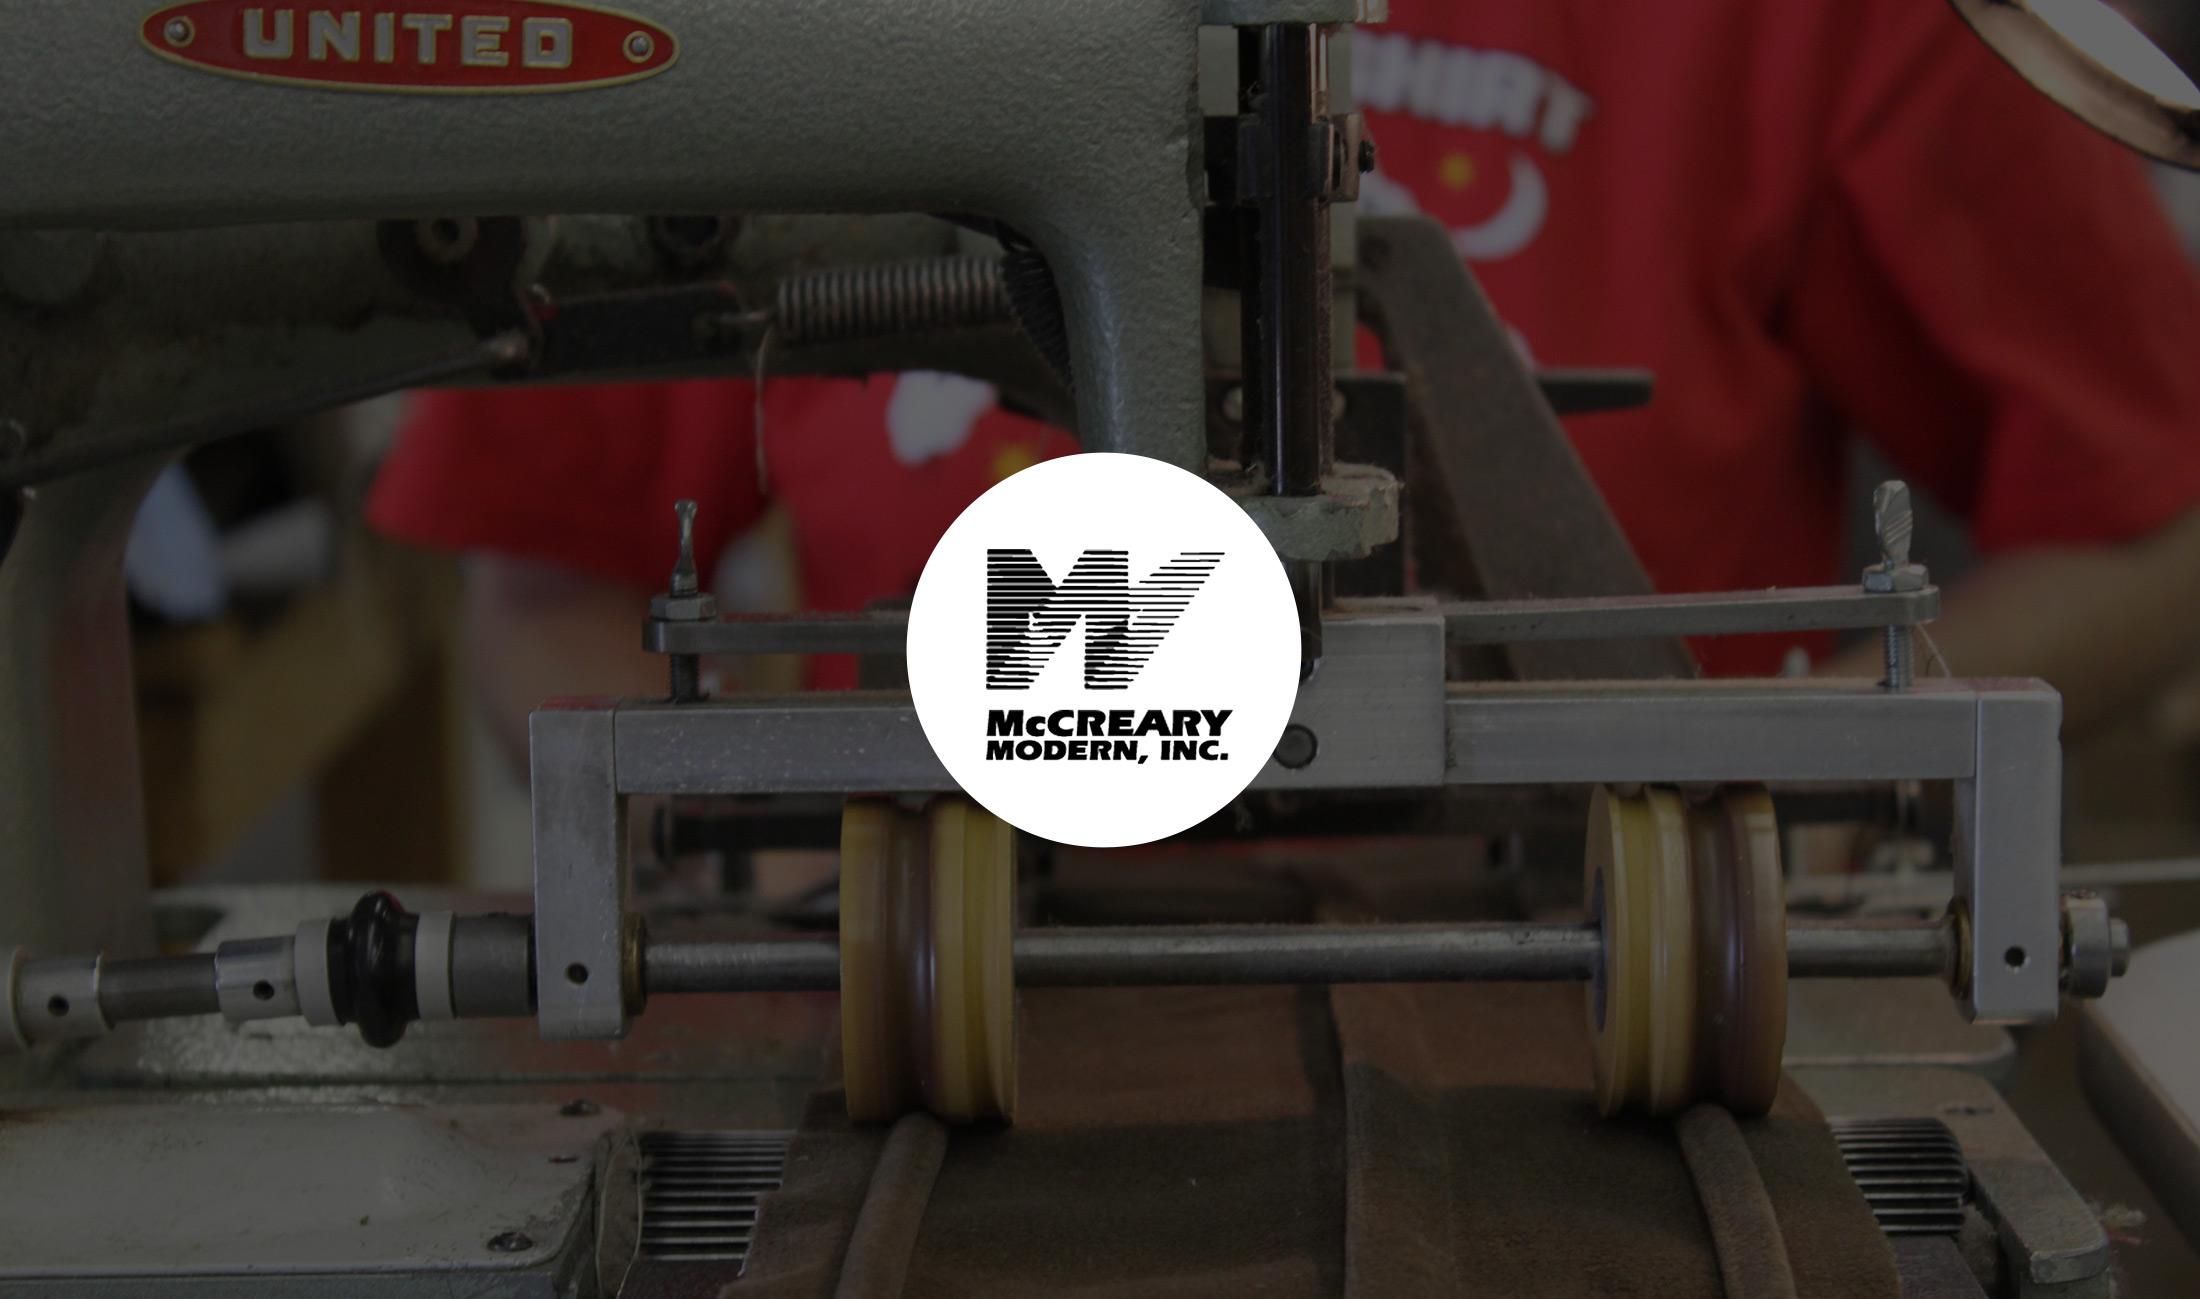 Manufacturer Brand Spotlight: McCreary Modern